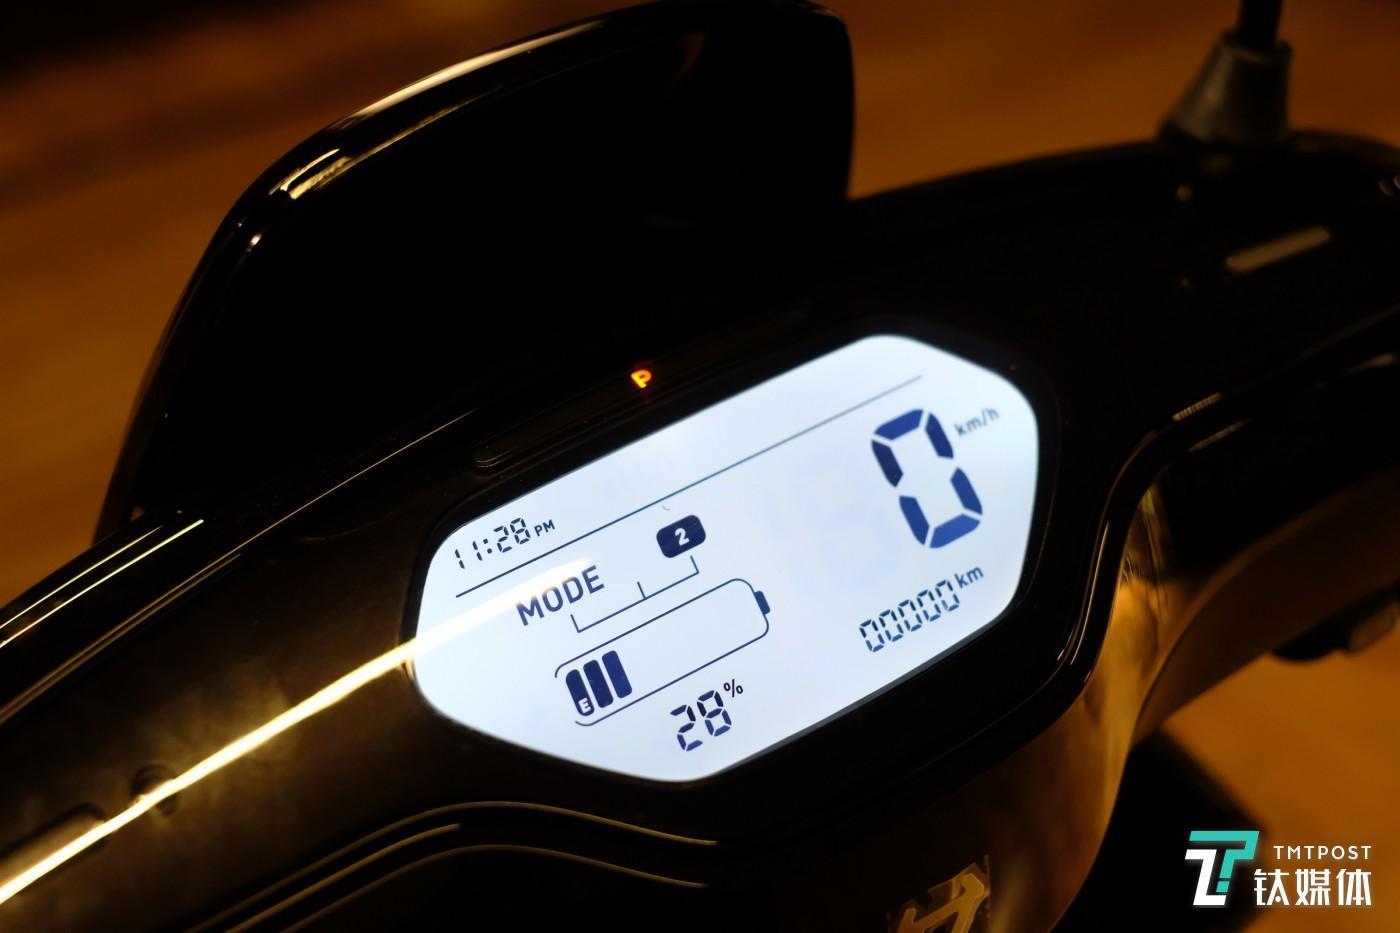 仪表盘显示数据包括时速、时间、电池电量